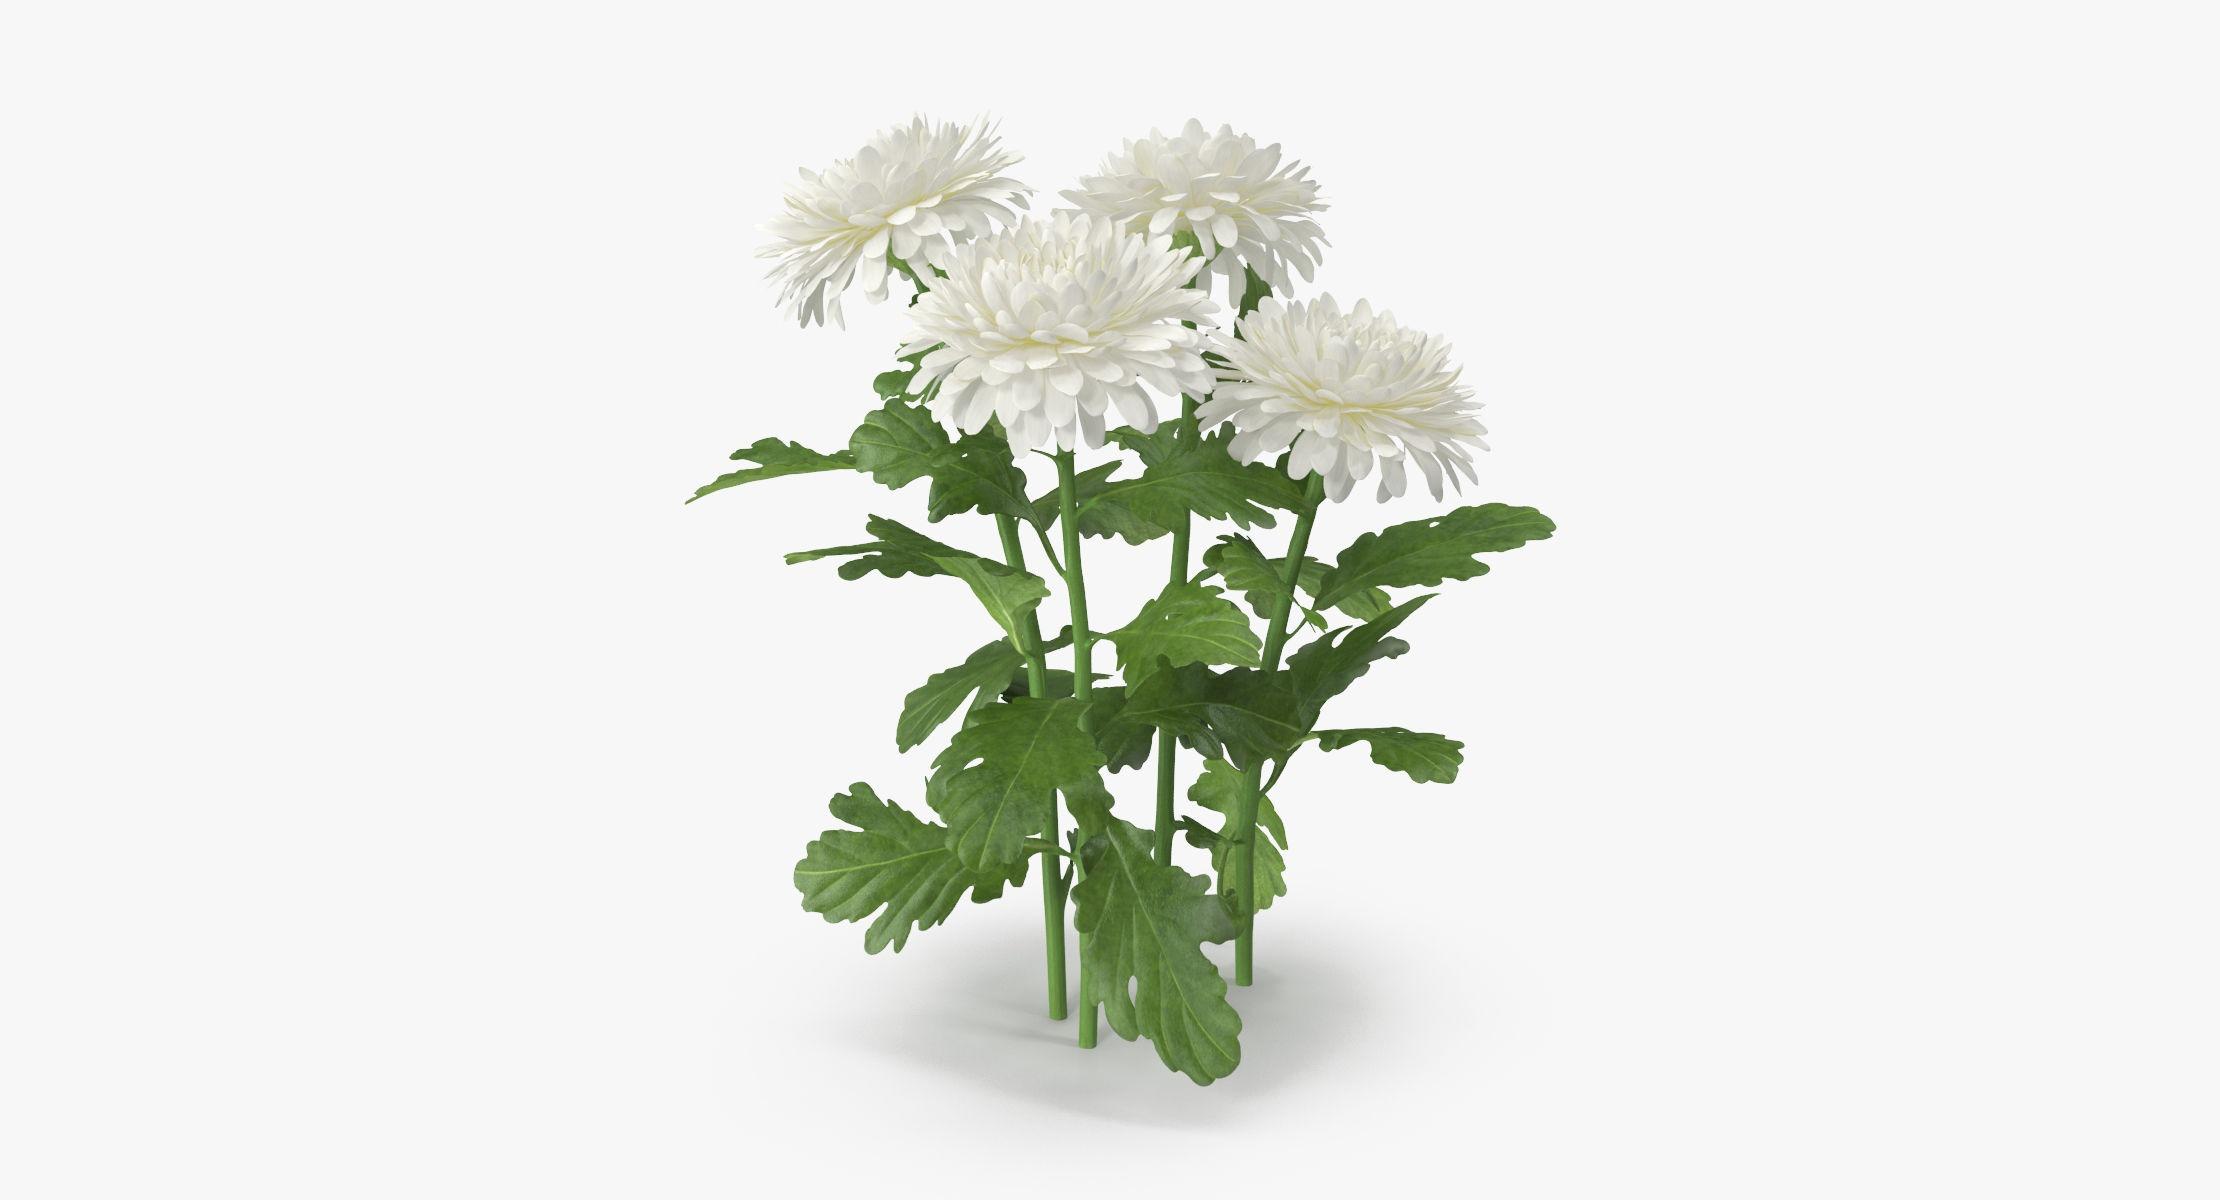 Chrysanthemum White - Natural Group - reel 1